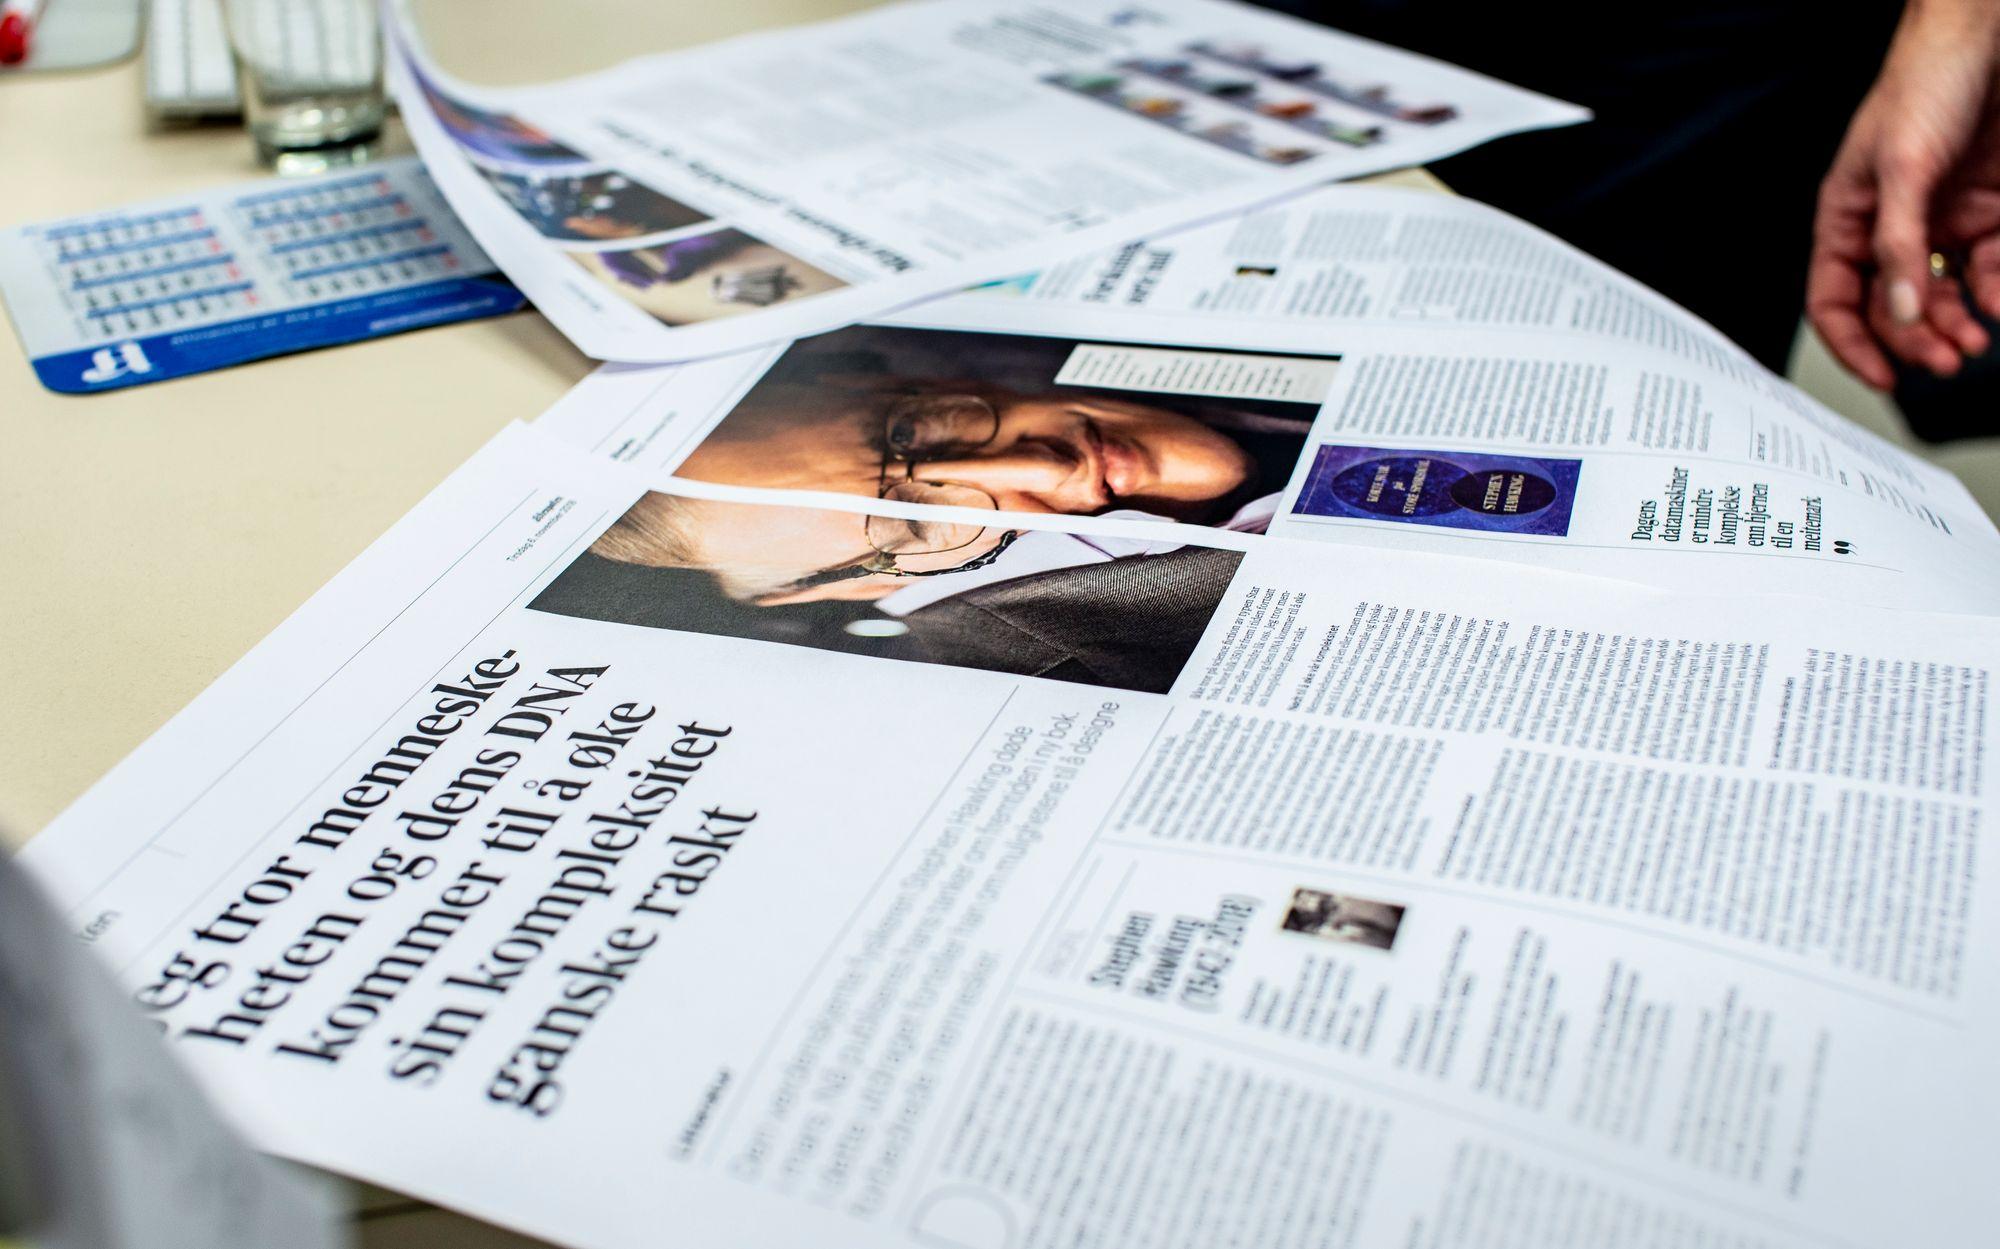 264021ae Aftenposten har fått nytt design på papir: Framhever fakta, gjør ...